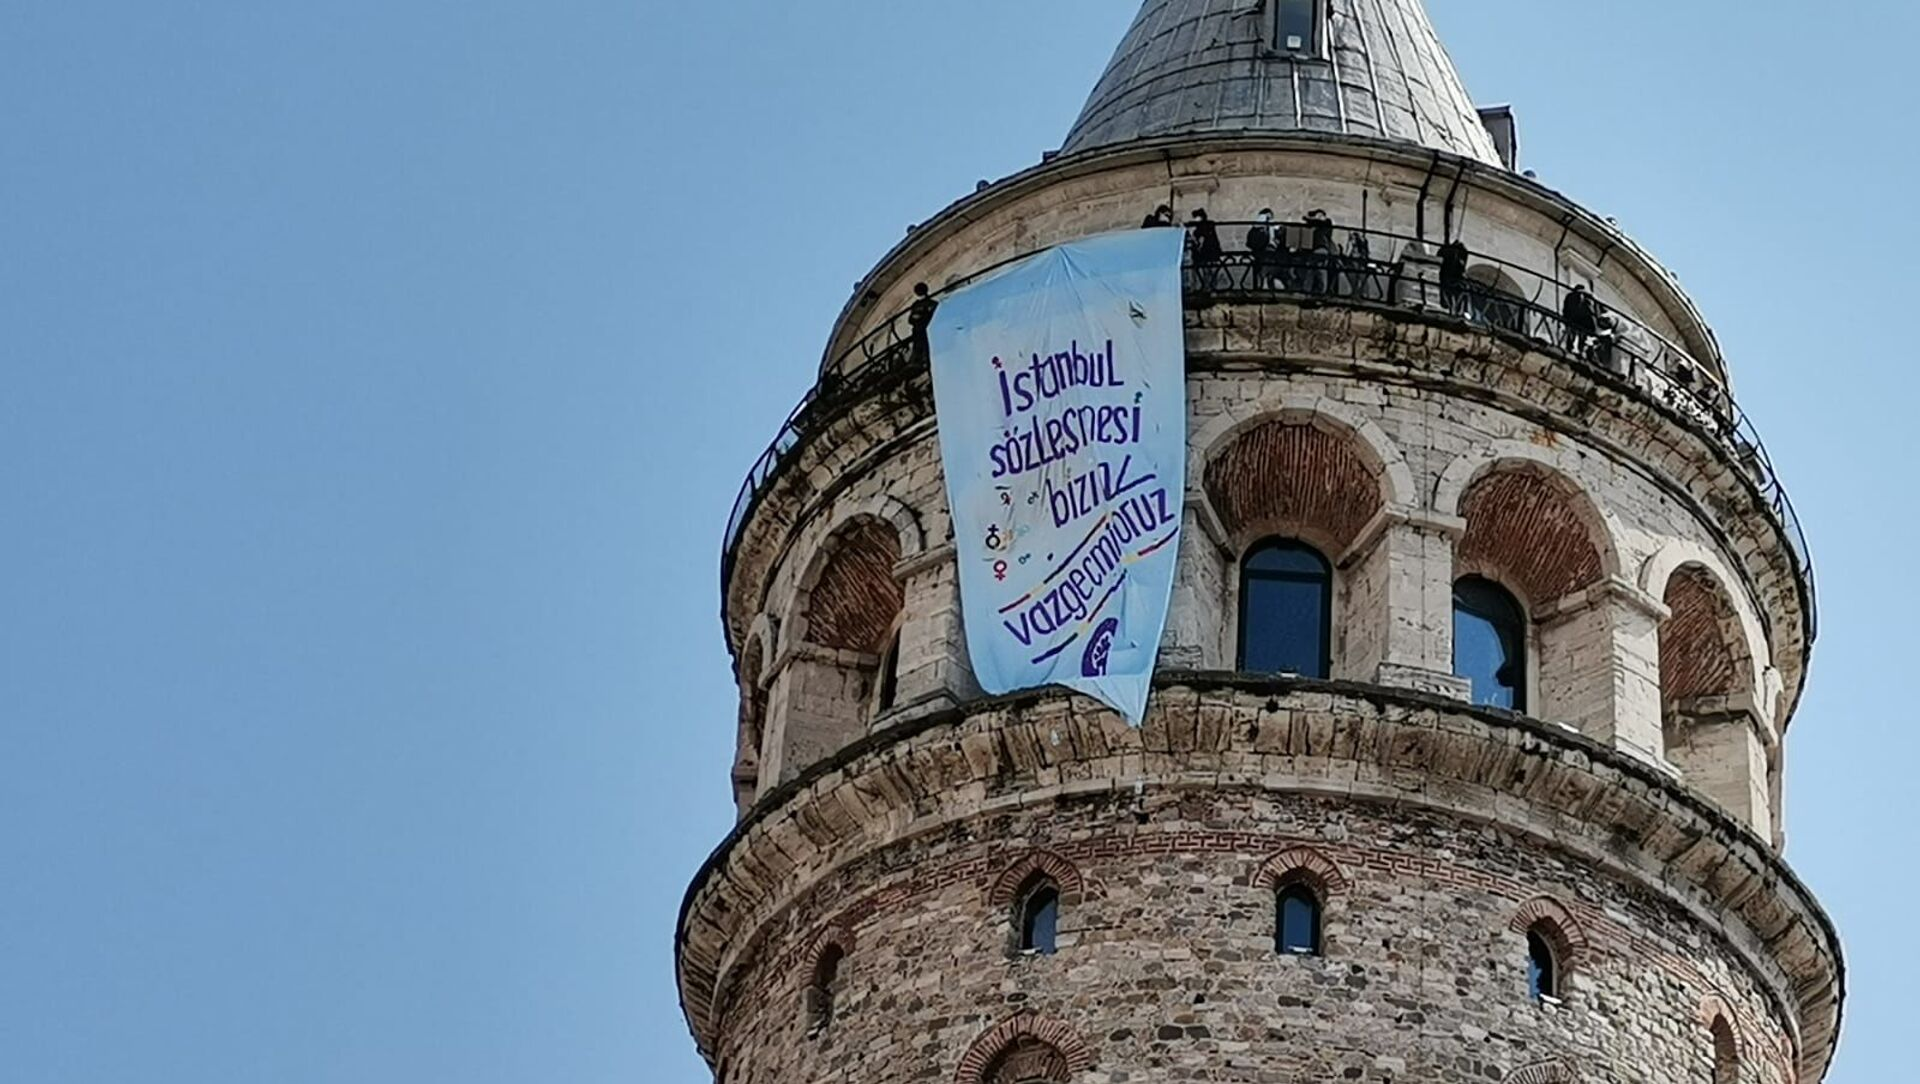 İstanbul'un dört bir köşesine 'İstanbul Sözleşmesi bizim, vazgeçmiyoruz' pankartı asıldı - Sputnik Türkiye, 1920, 15.04.2021